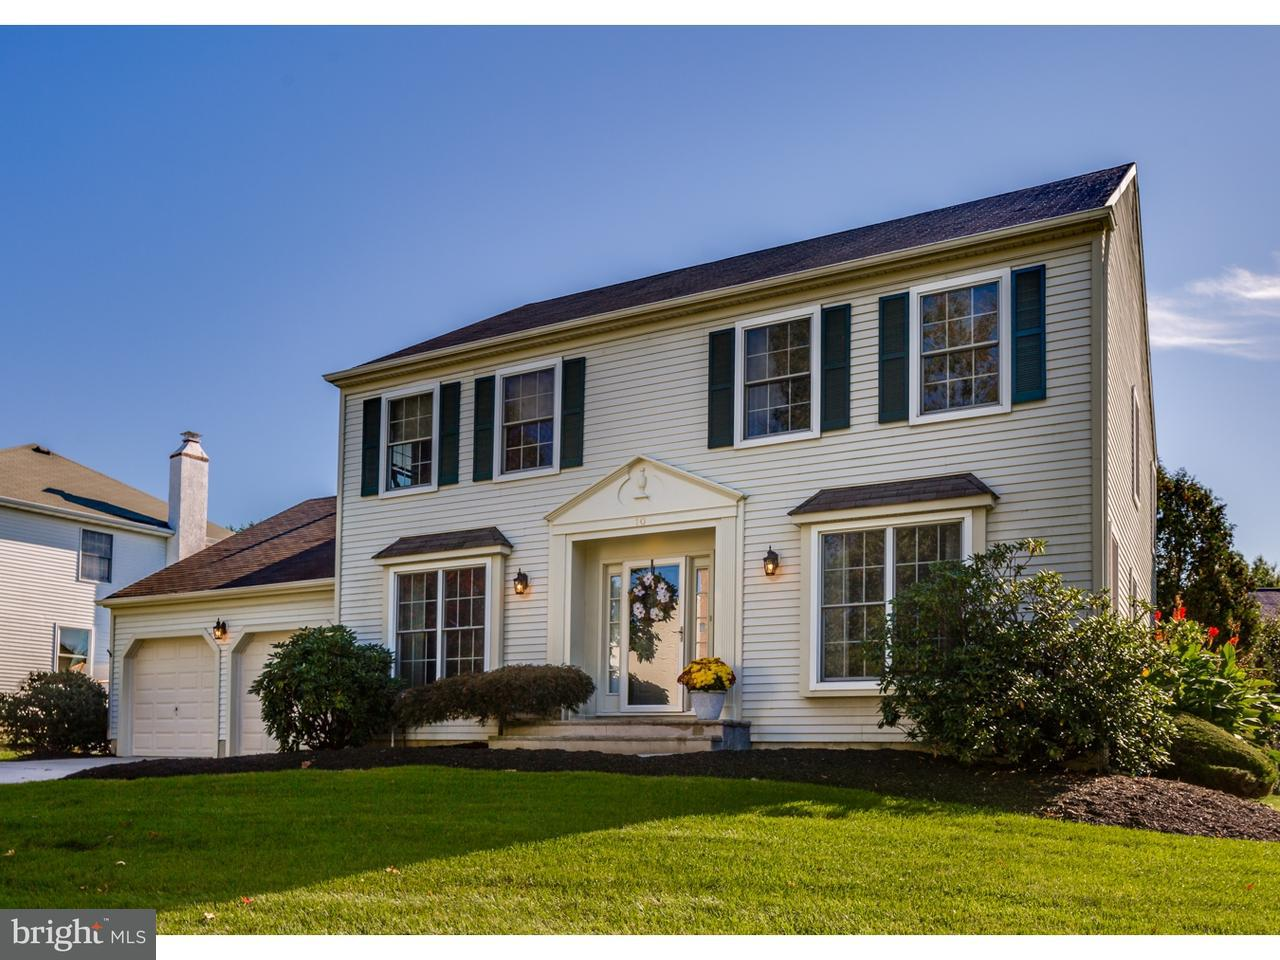 Maison unifamiliale pour l Vente à 10 COUNTRY SQUIRE Lane Evesham, New Jersey 08053 États-Unis